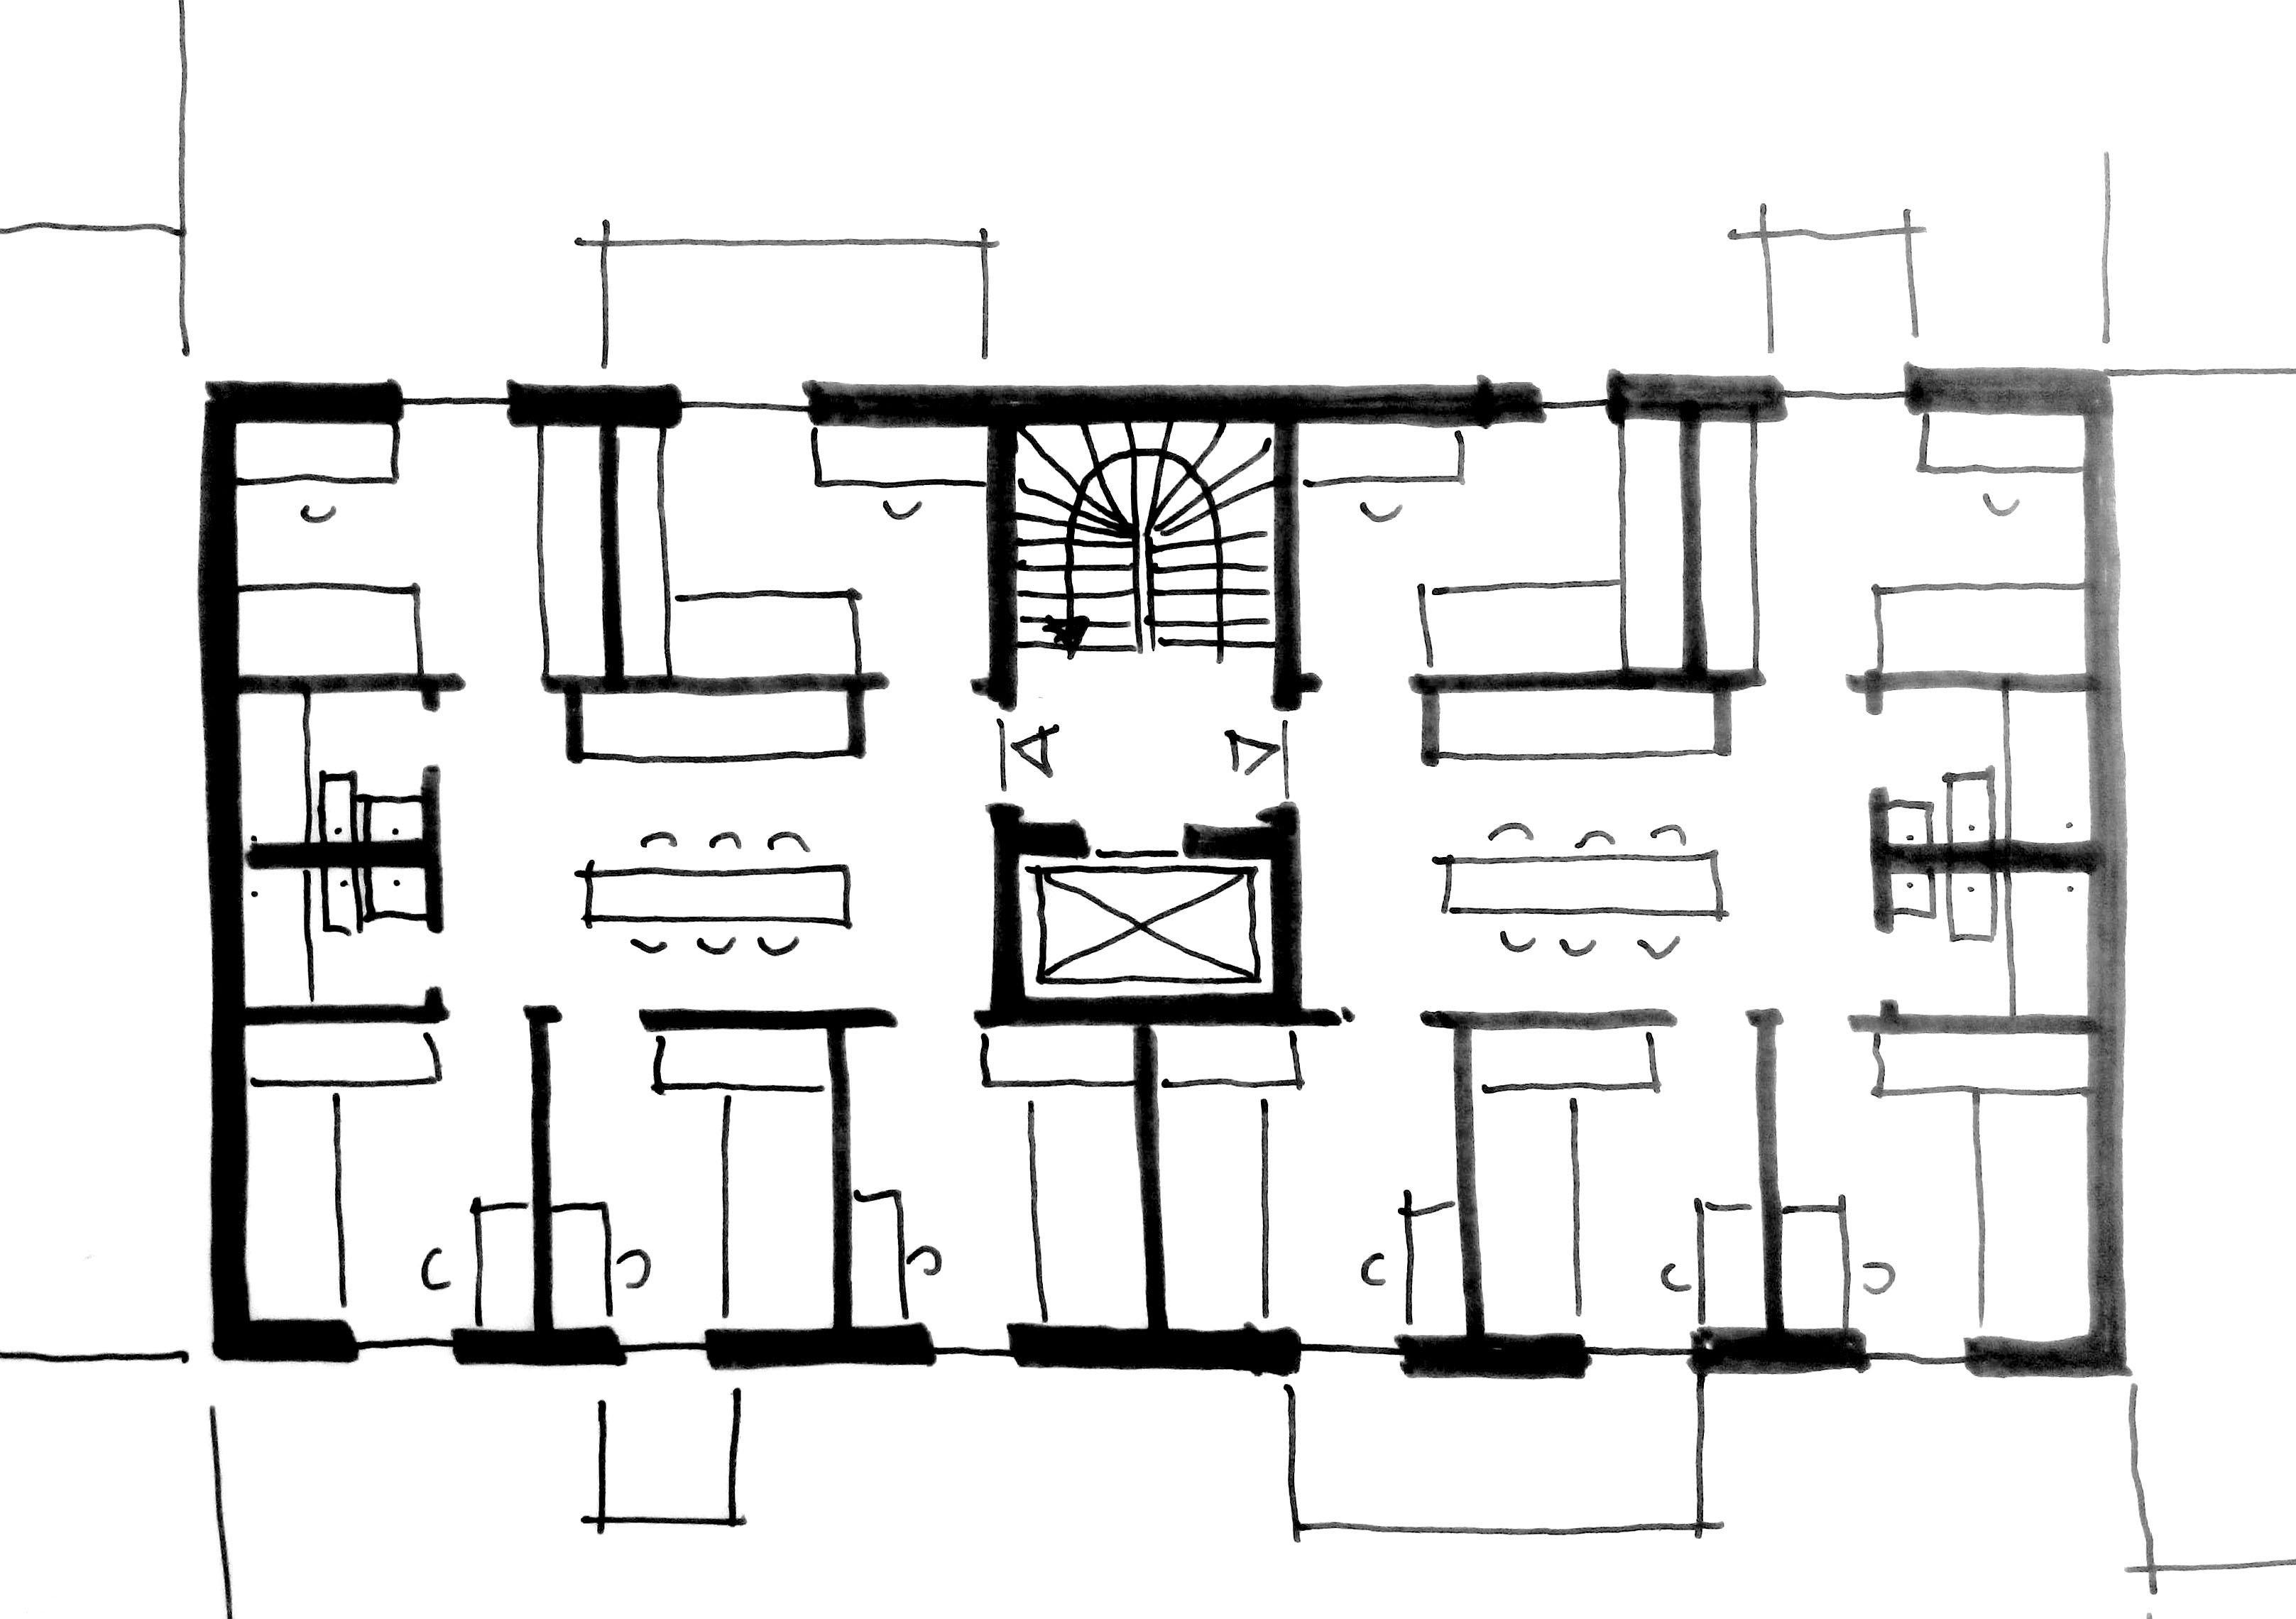 sketch floor plan SEHW Architektur}